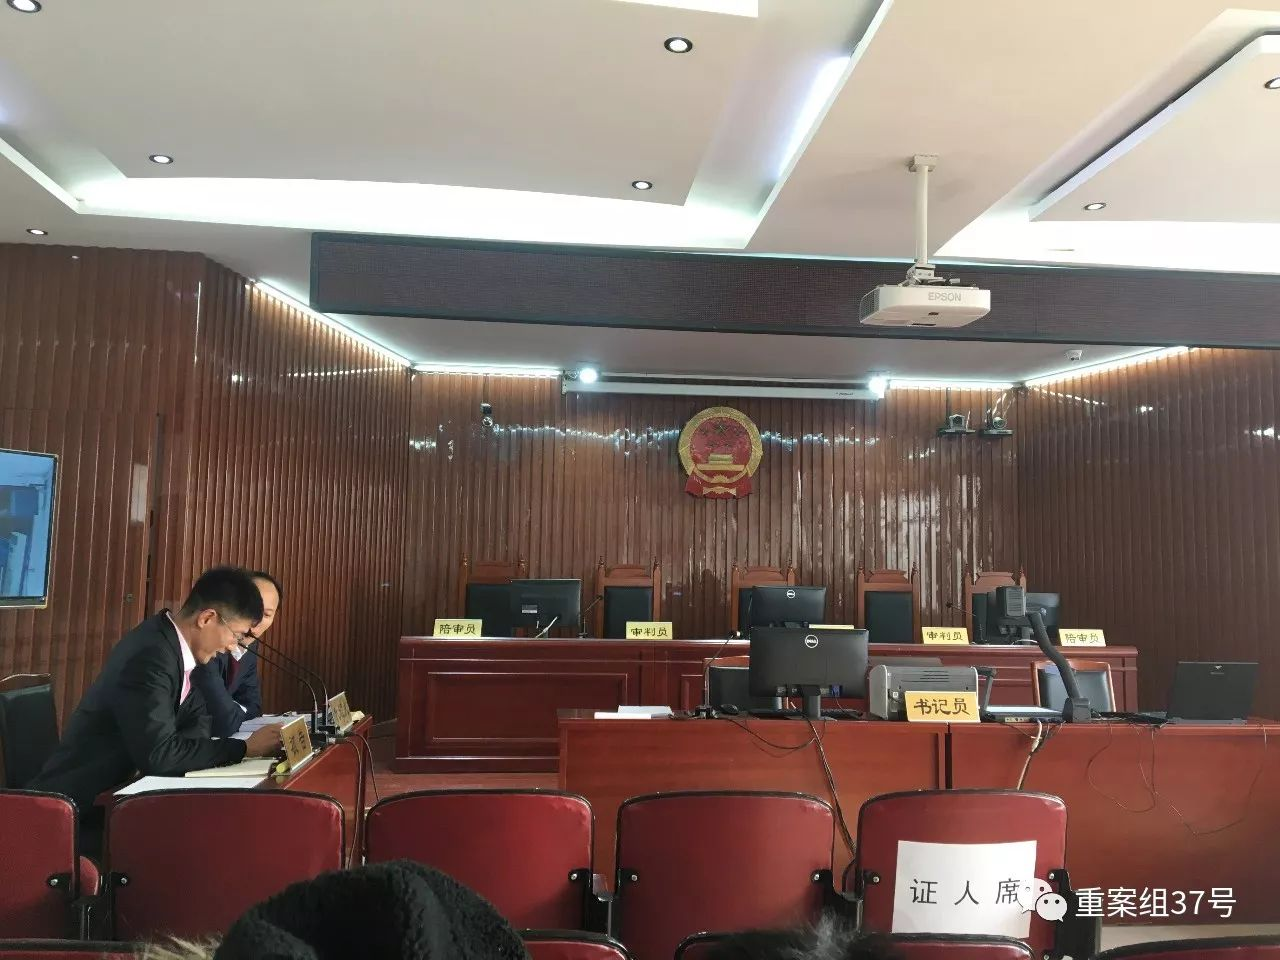 ▲1月19日上午,原告方律师突发心脏病,只有被告方到庭,法院随后宣布延期审理。 新京报记者 江峡 摄